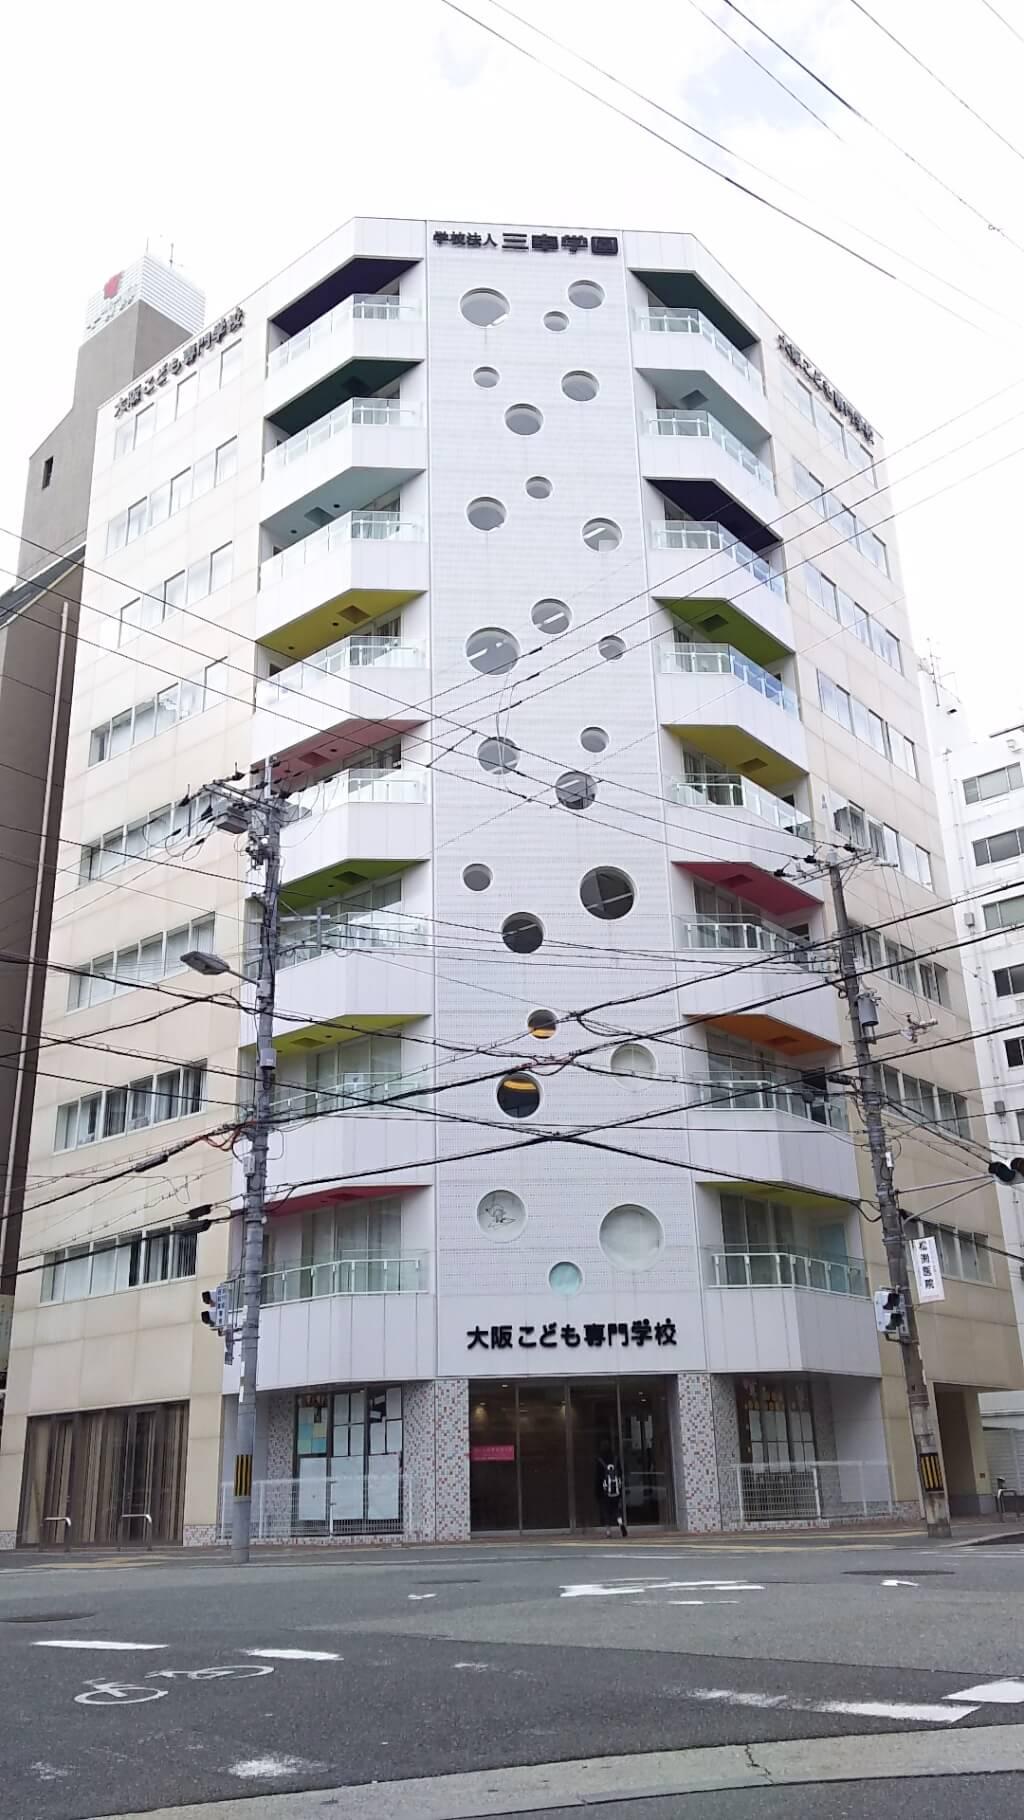 大阪こども専門学校 外観